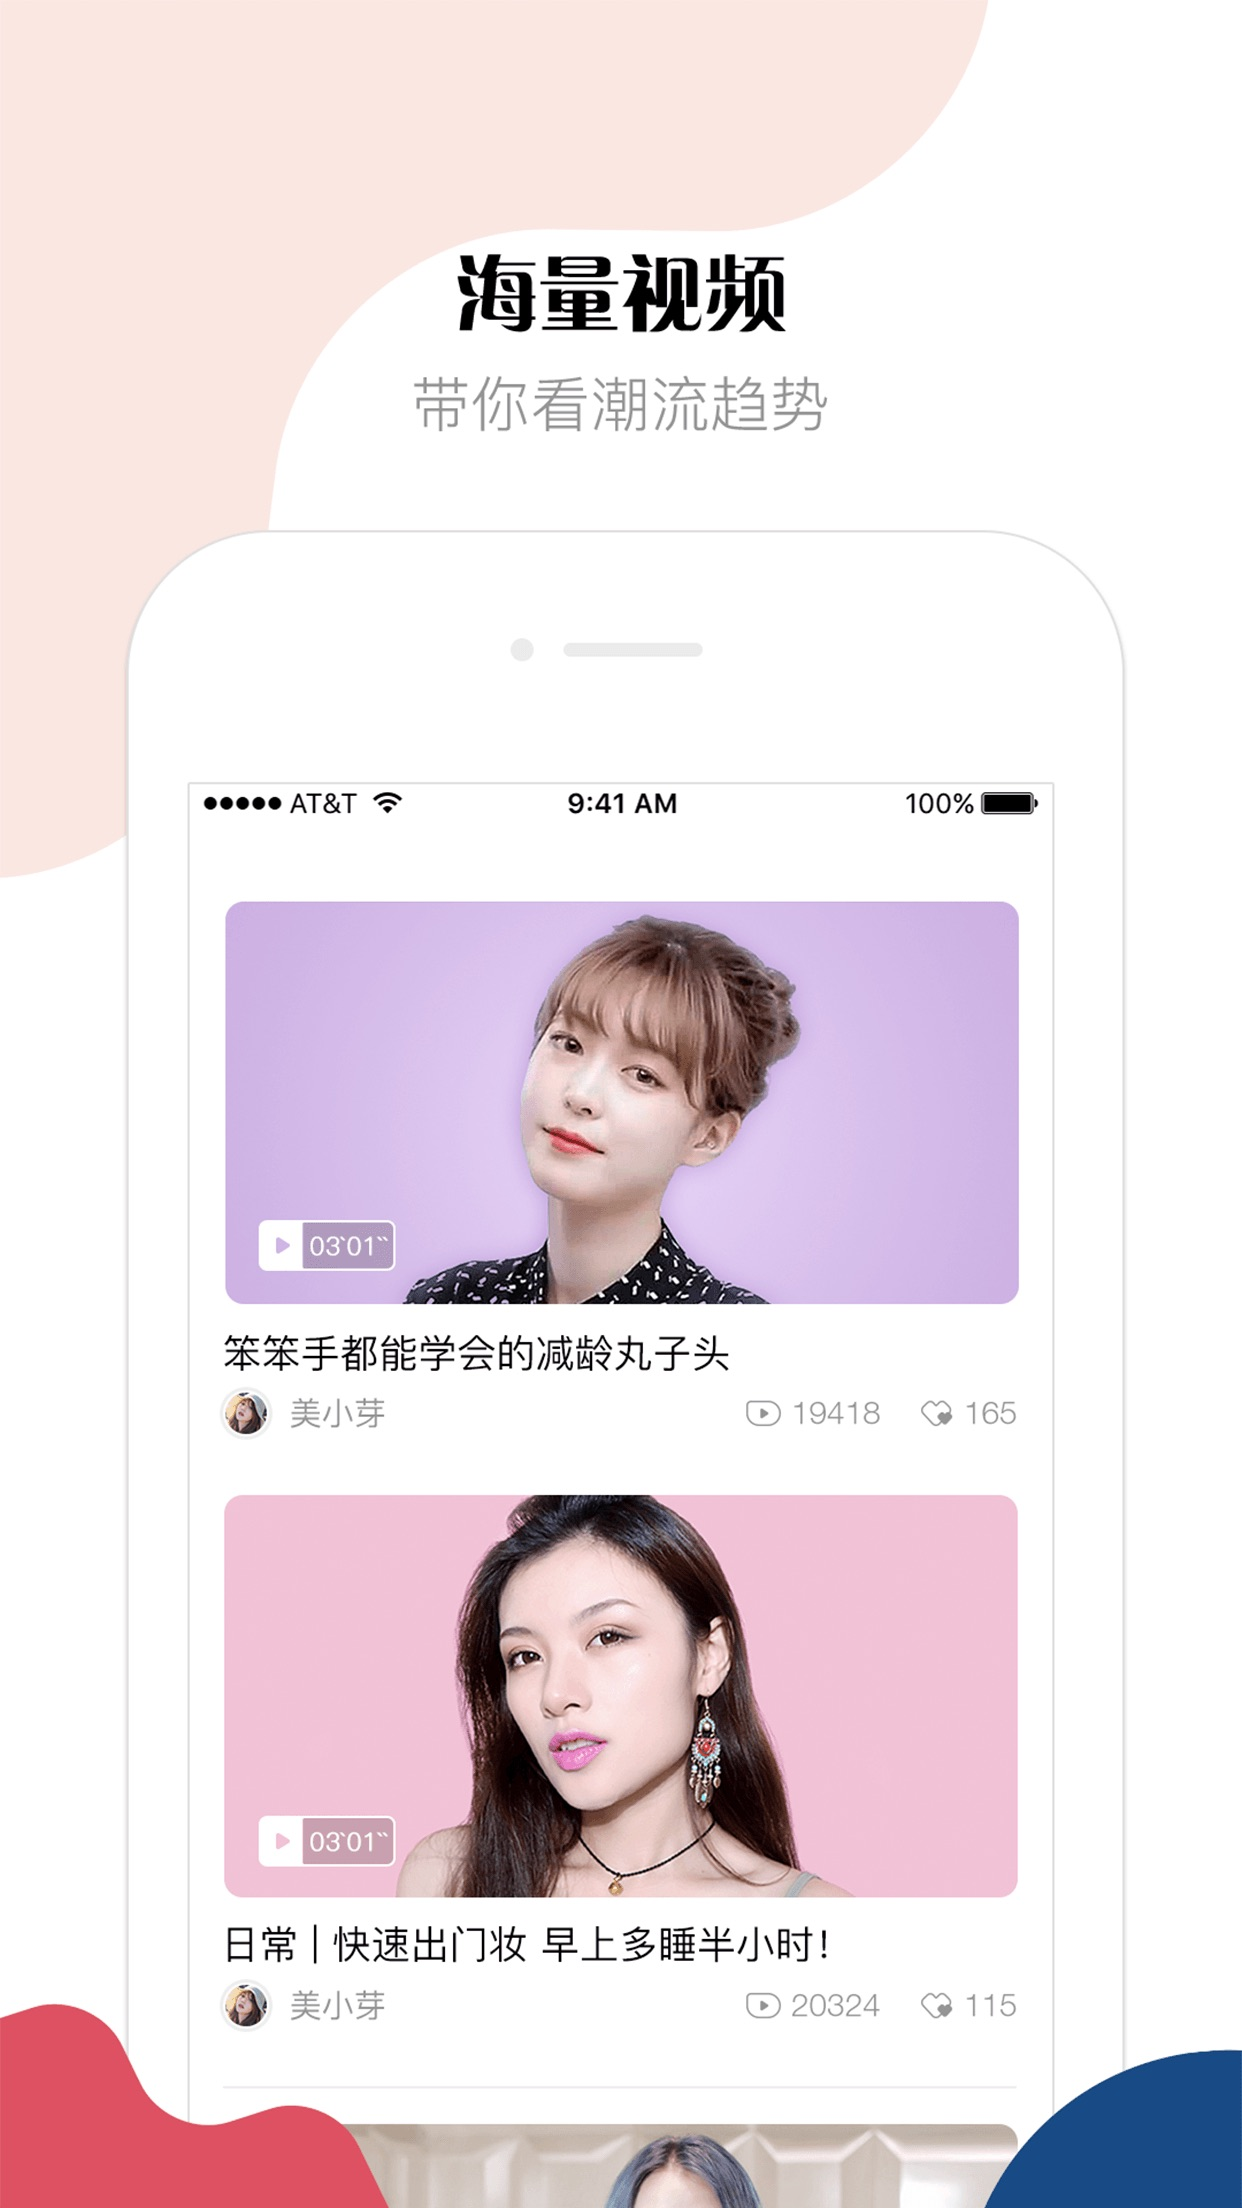 美芽-看达人化妆视频教程,变更美啦 Screenshot